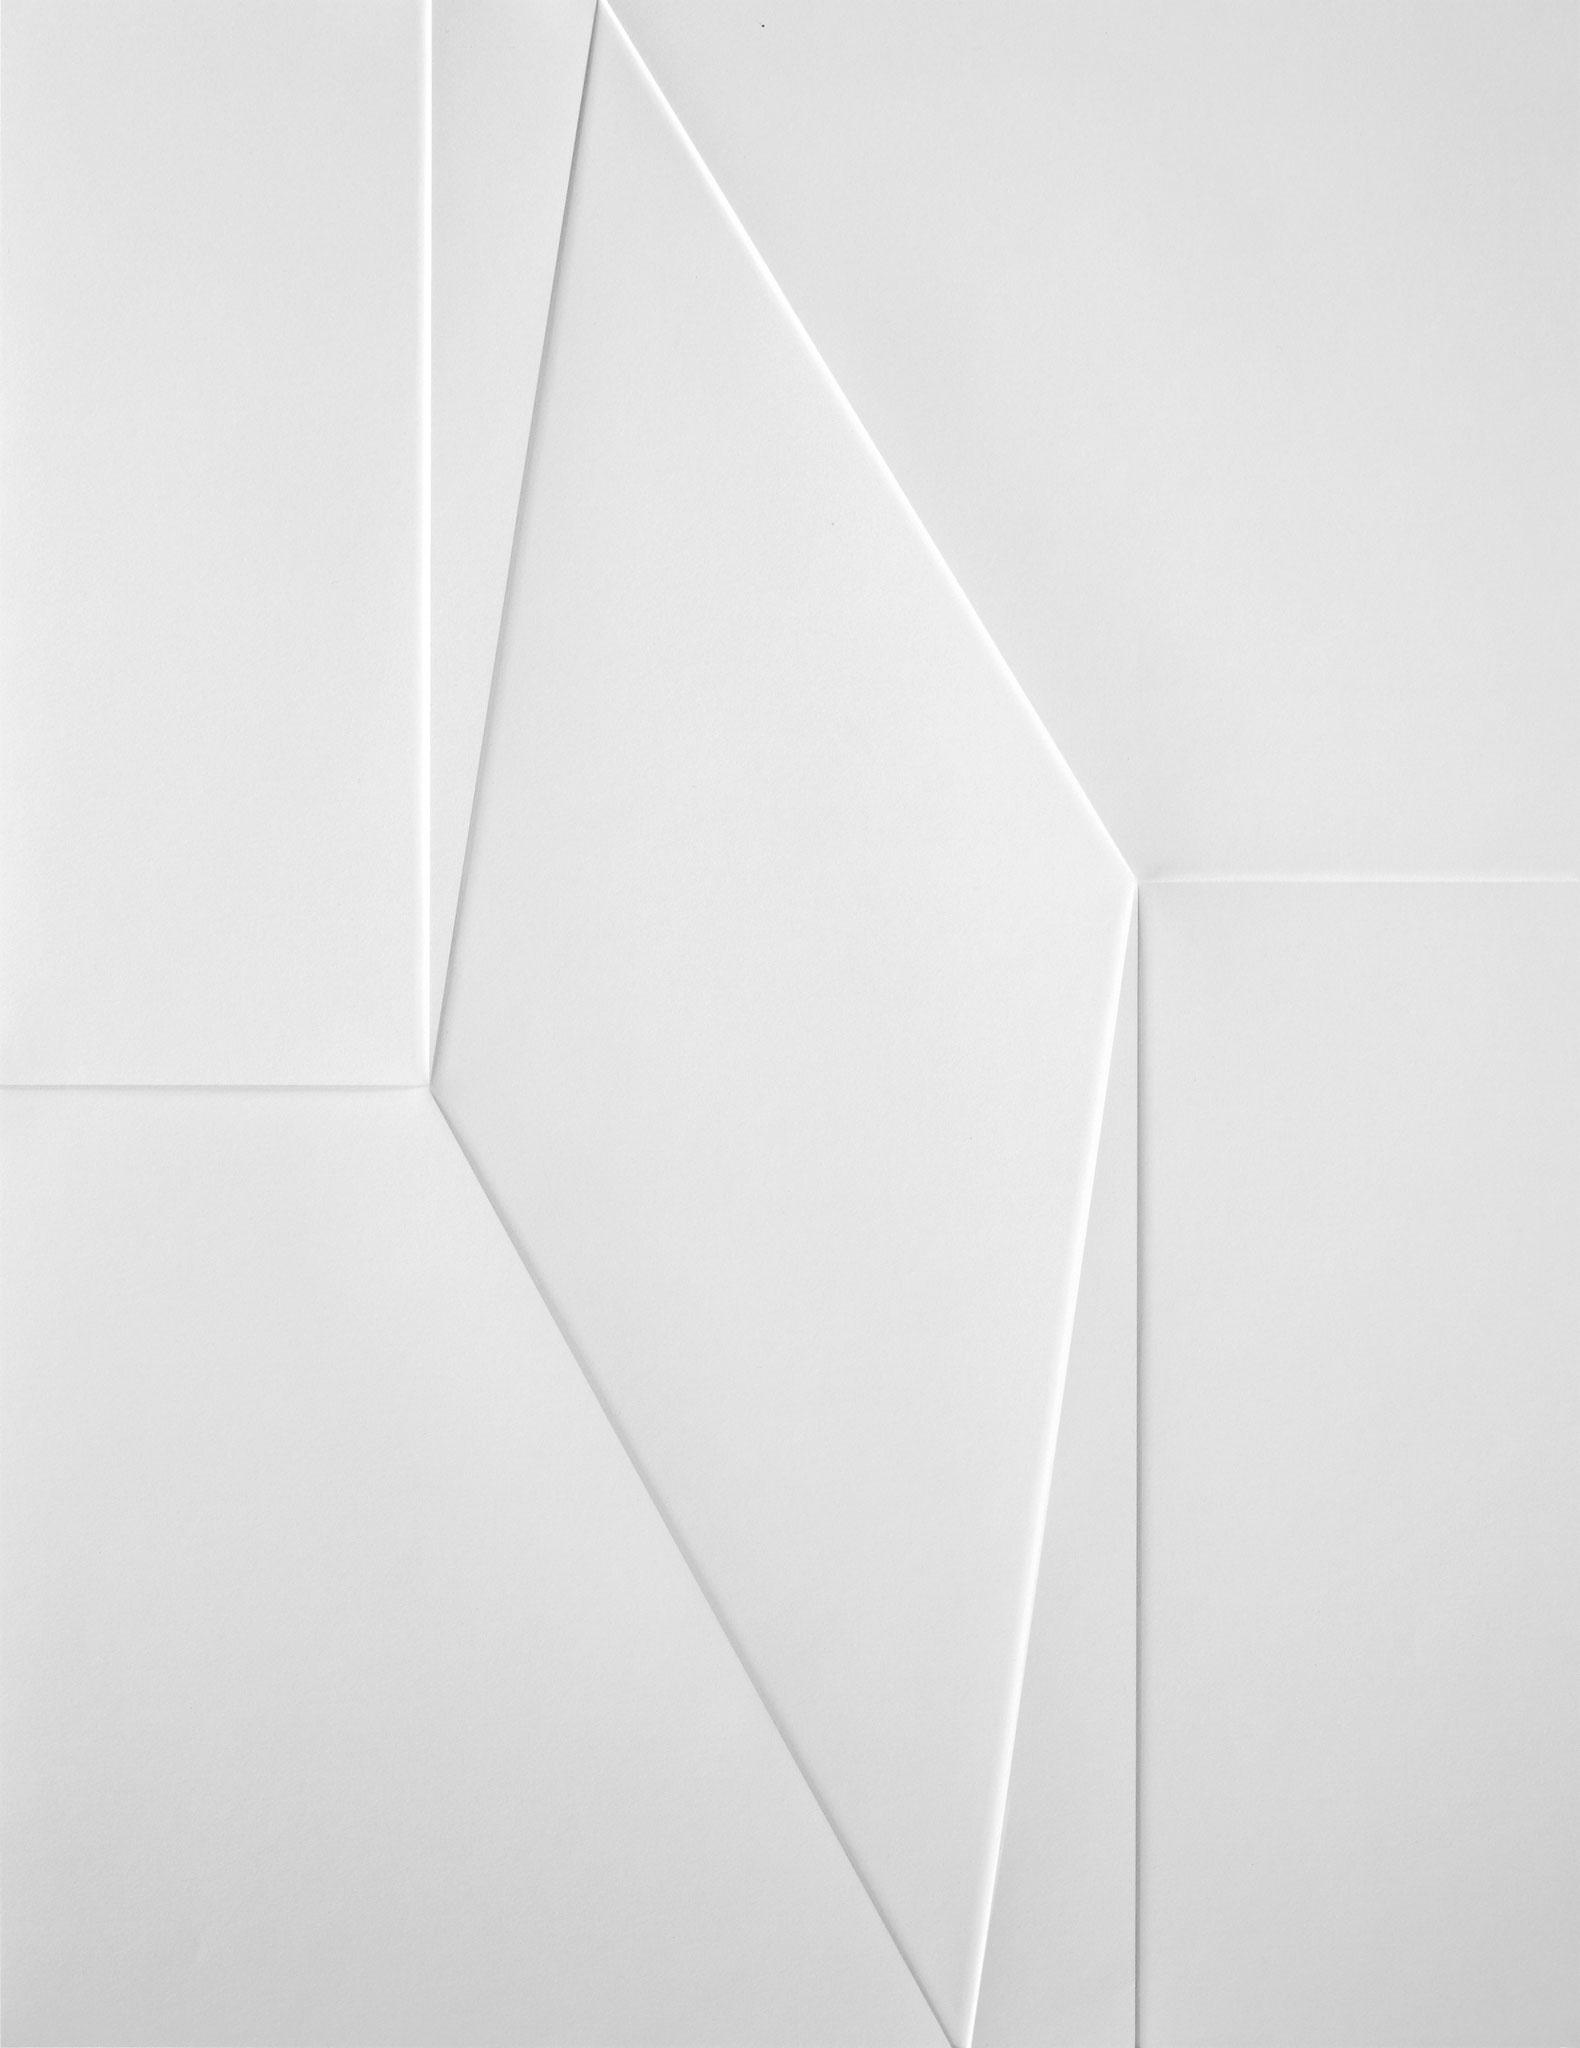 lines P 49, 2020, Papier gefalzt, 77 x 59,7 cm